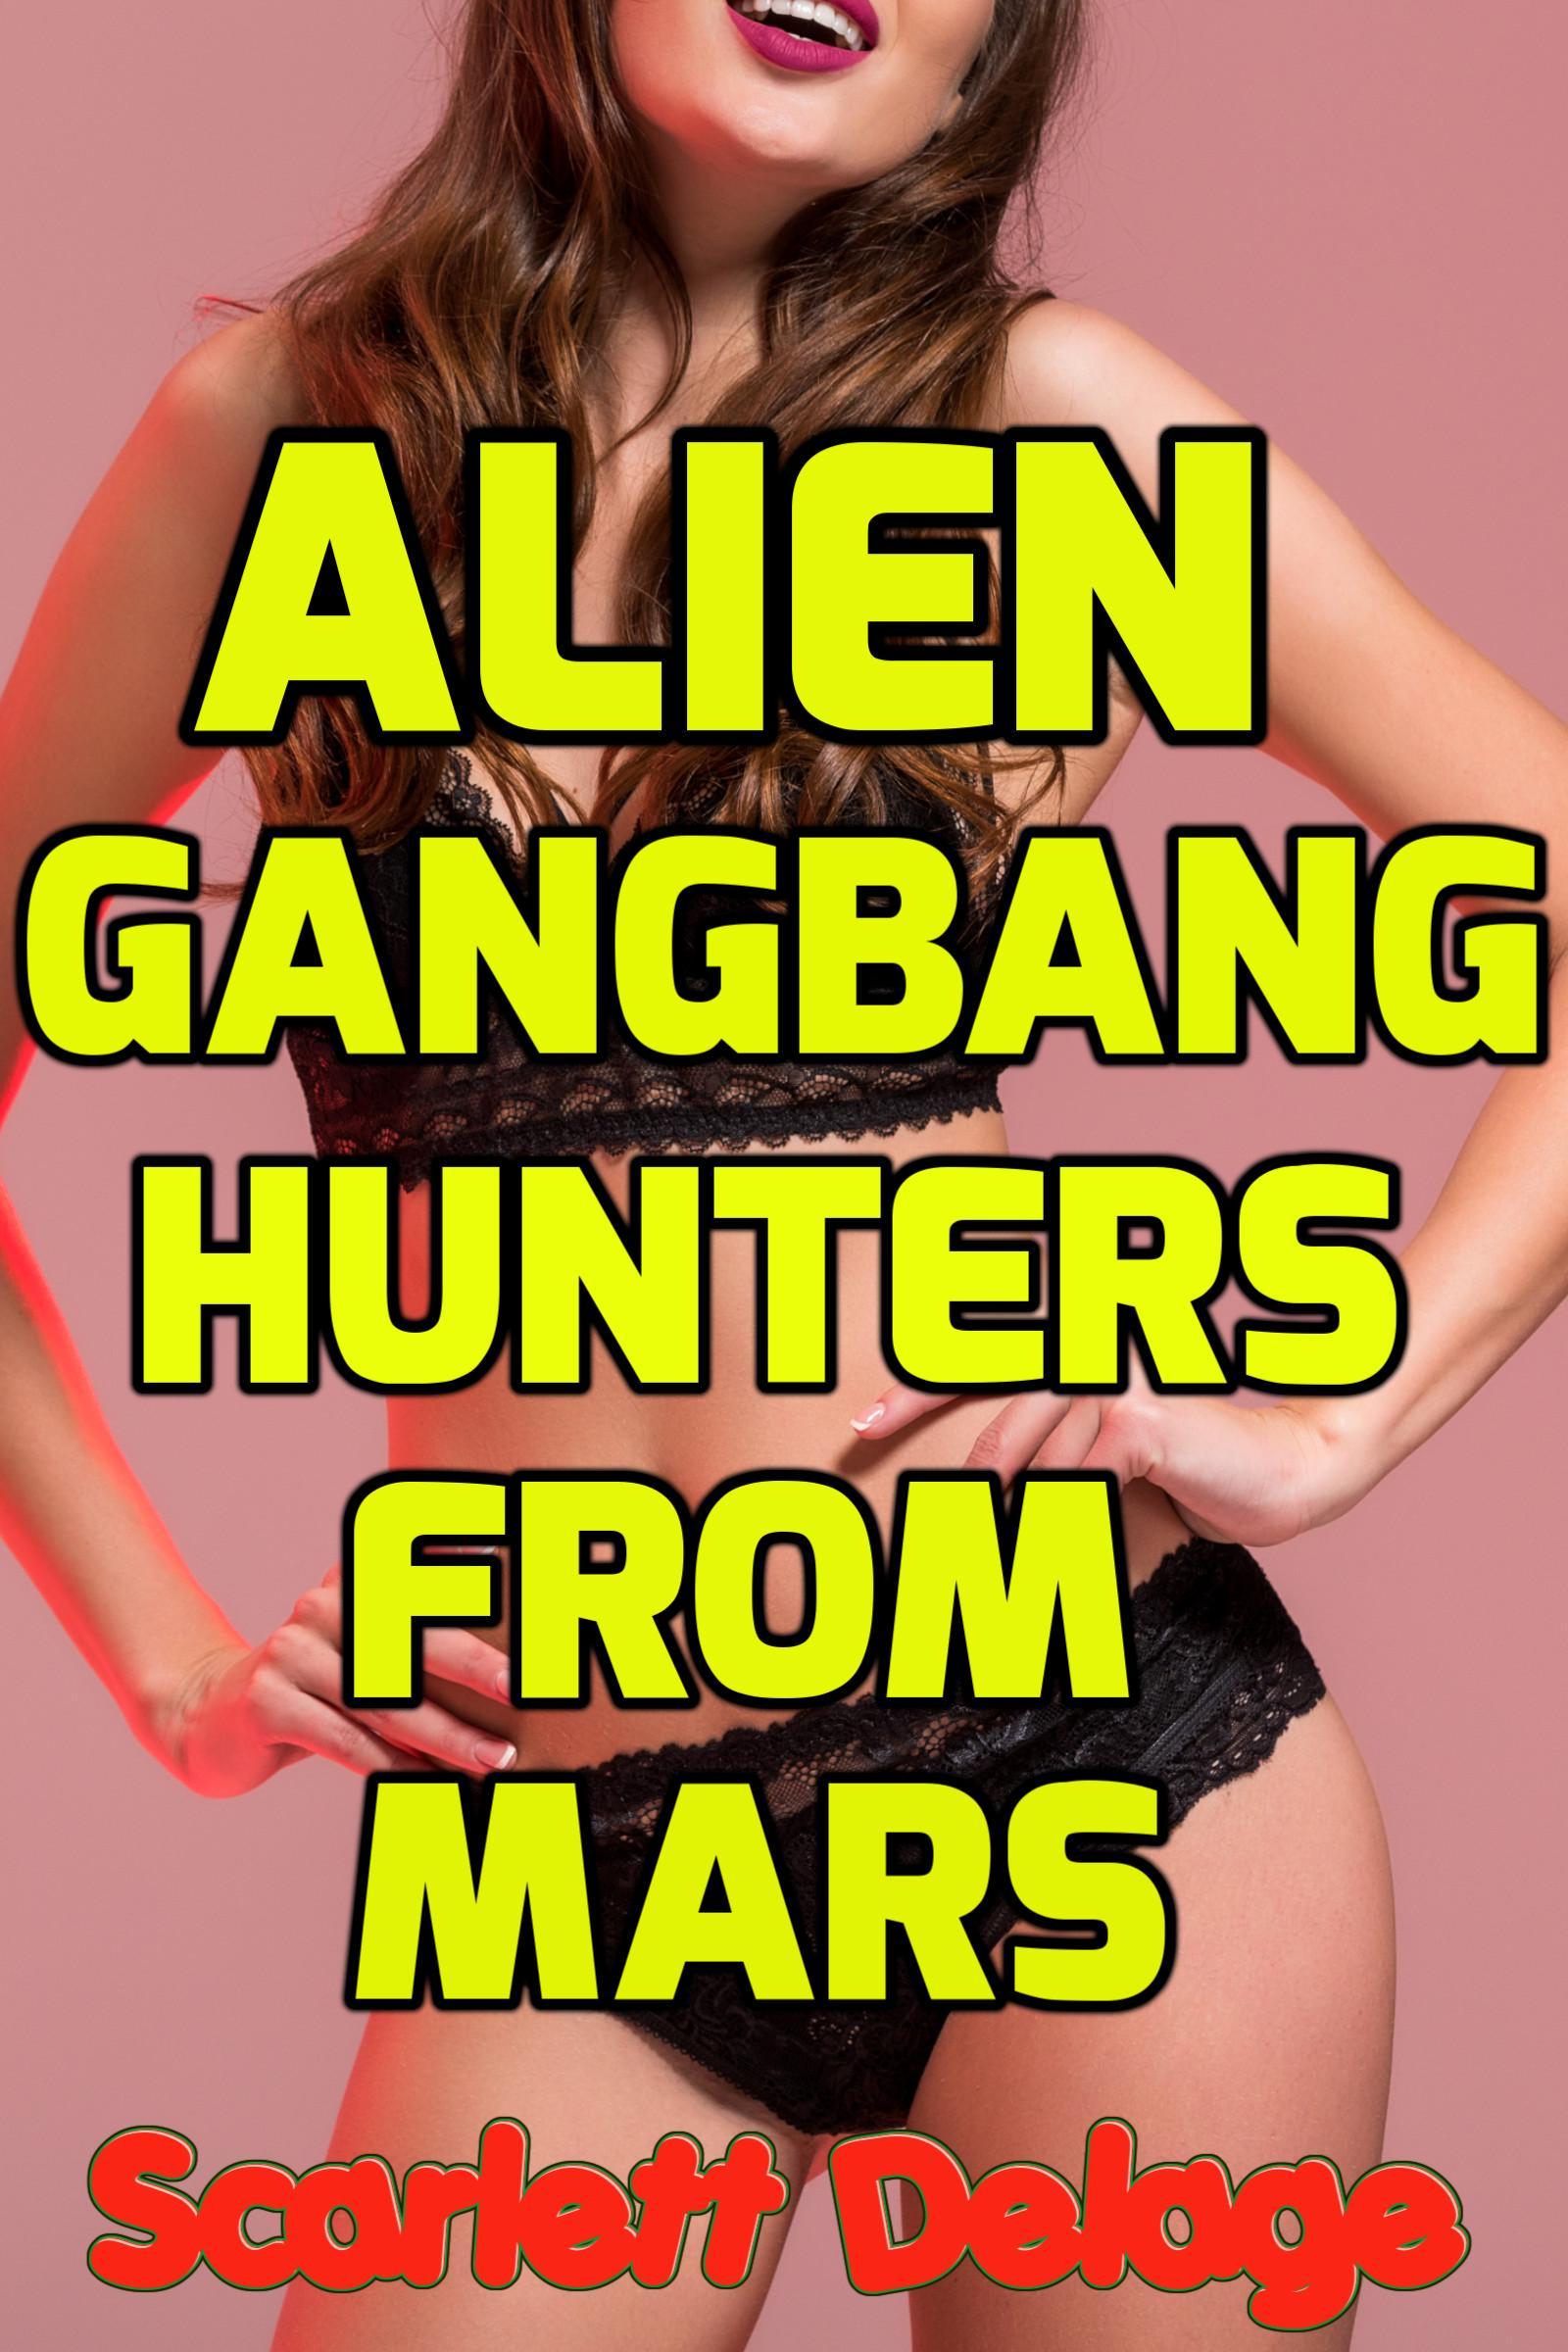 Alien Gangbang alien gangbang hunters from mars, an ebookscarlett delage